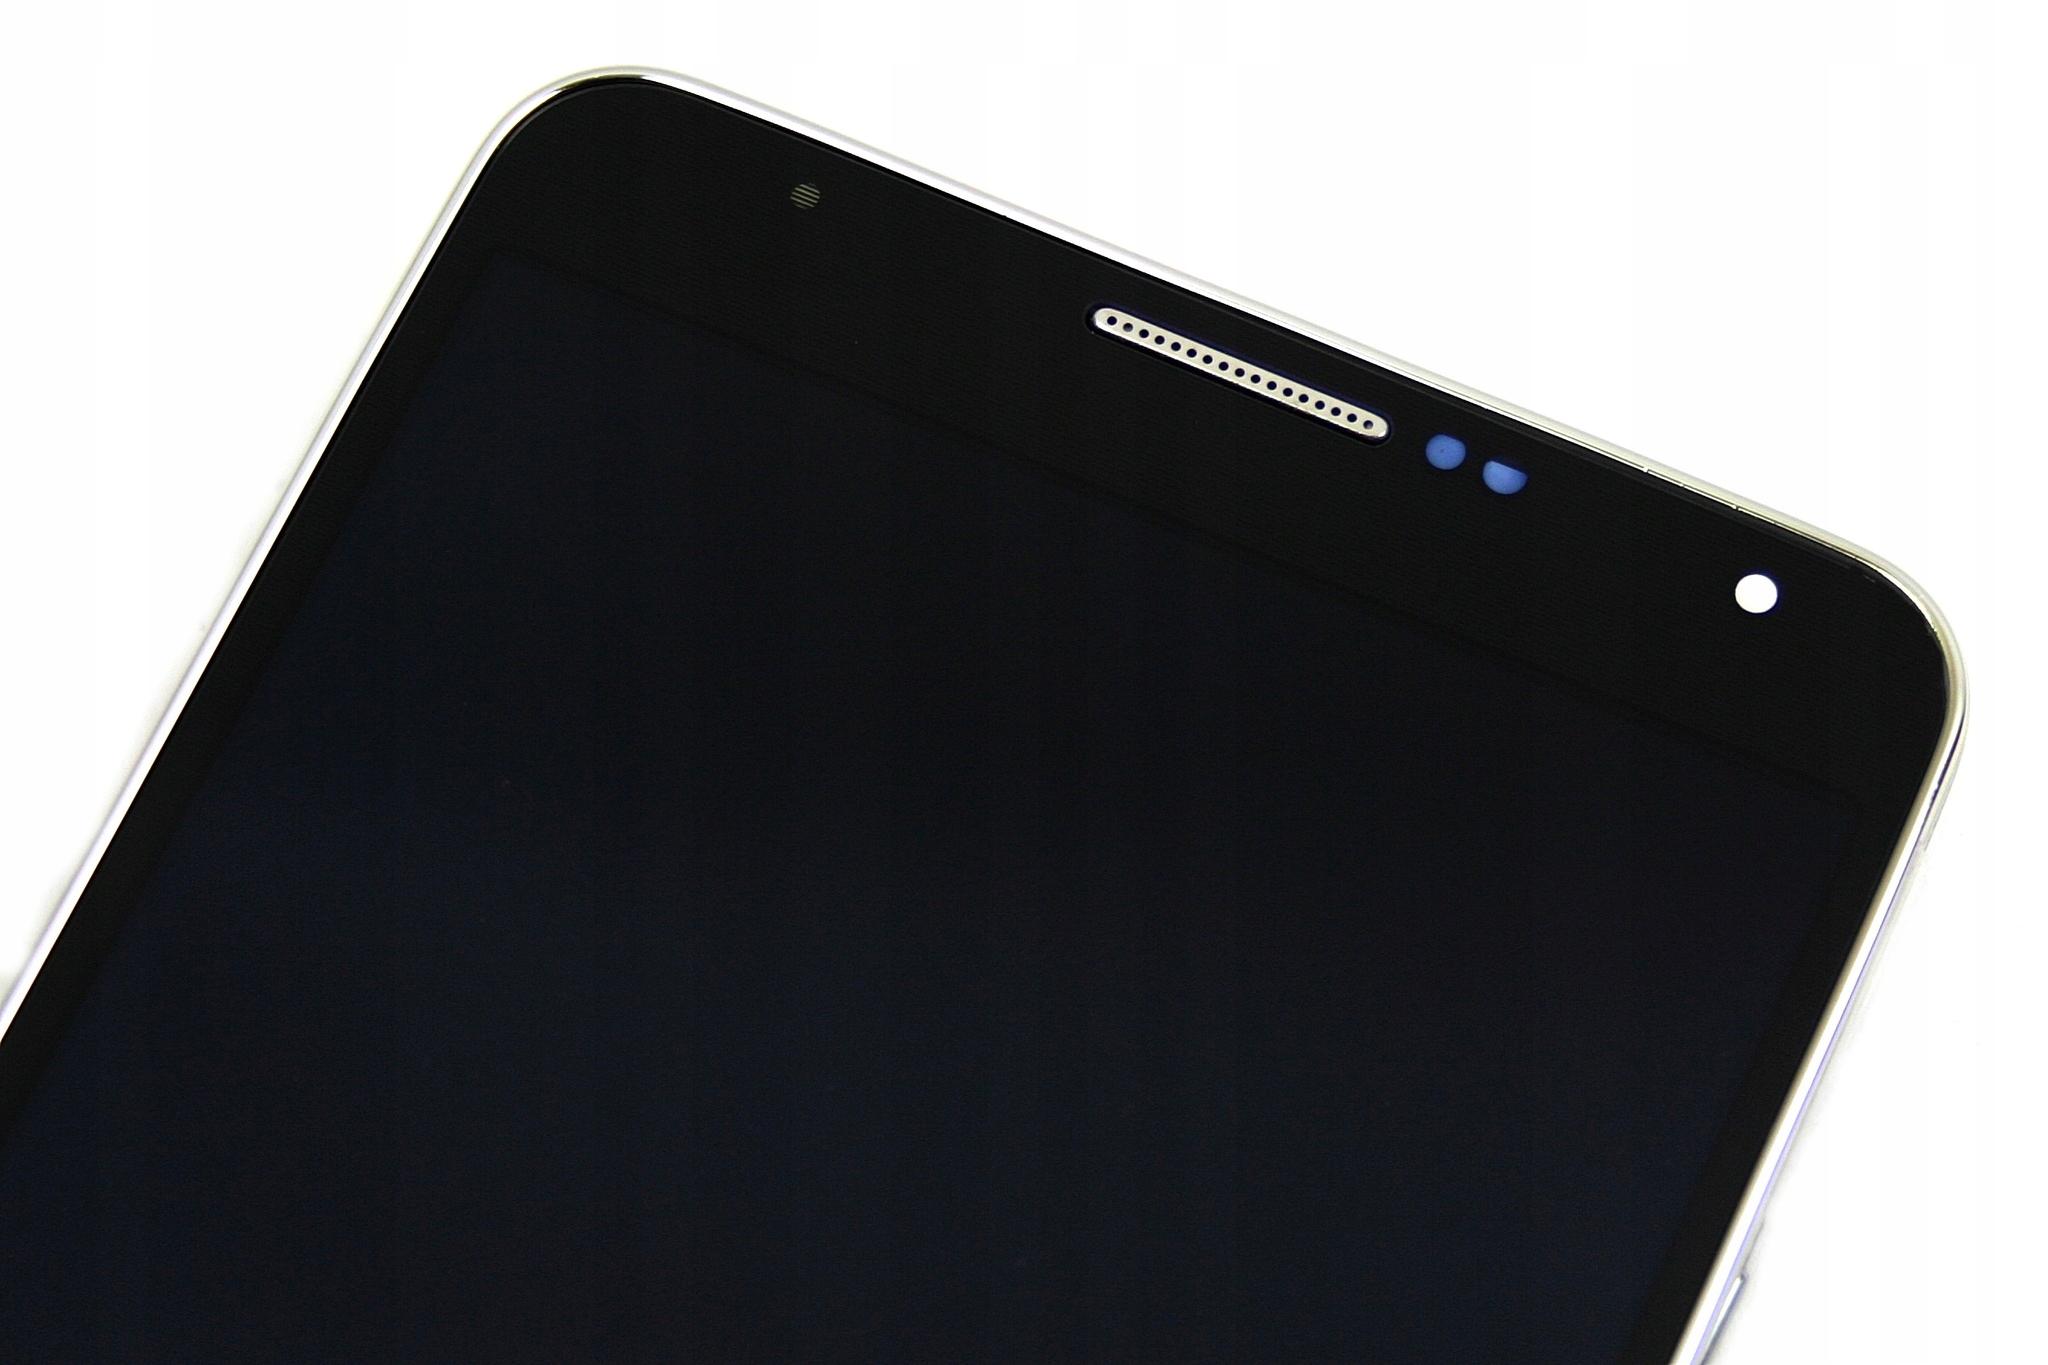 DOTYK WYŚWIETLACZ LCD SAMSUNG GALAXY NOTE N9005 3